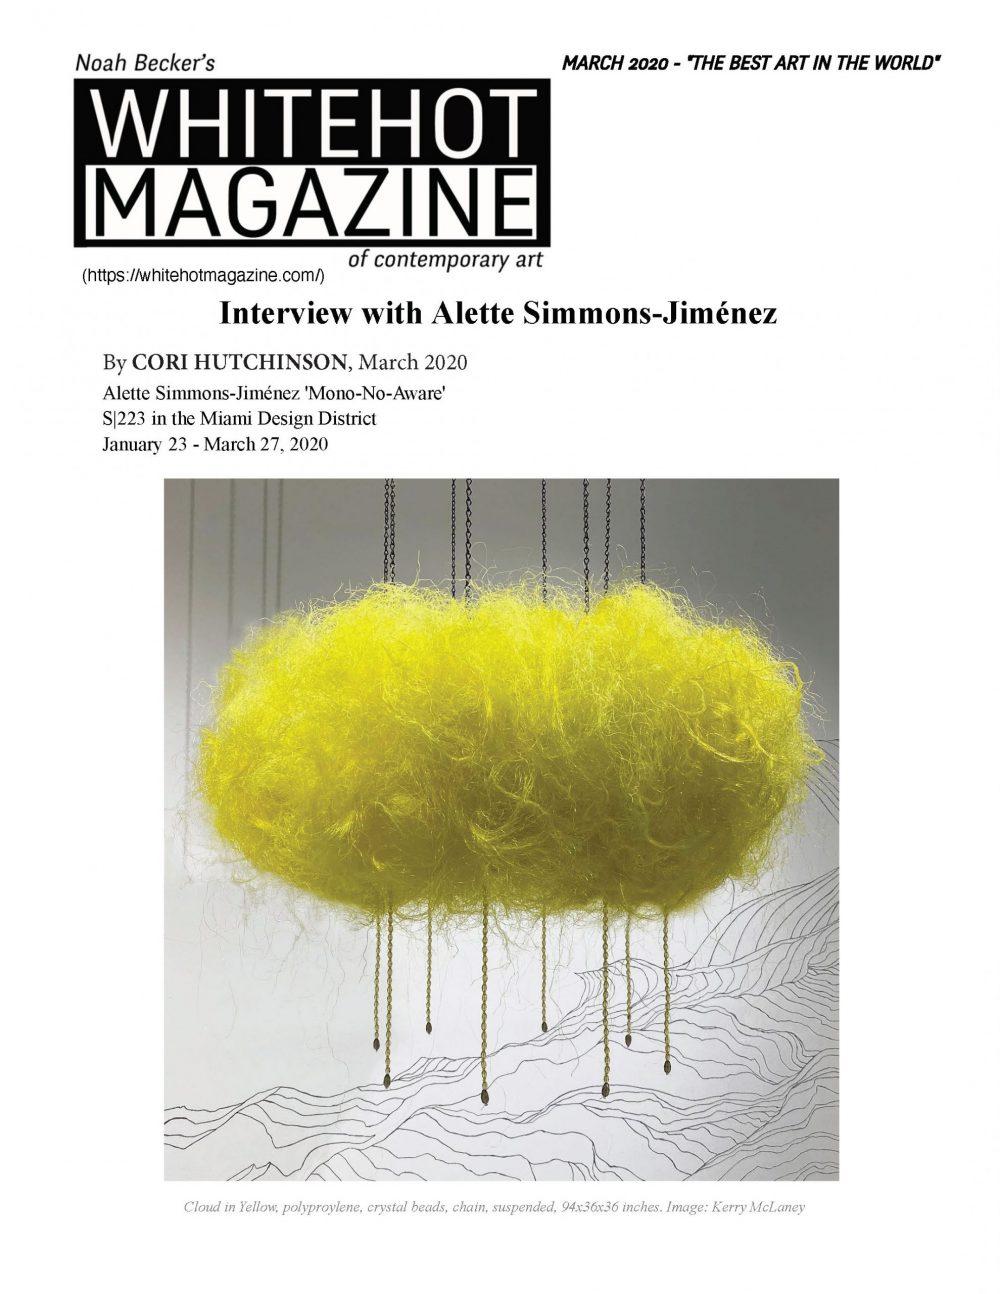 whitehot magazine article